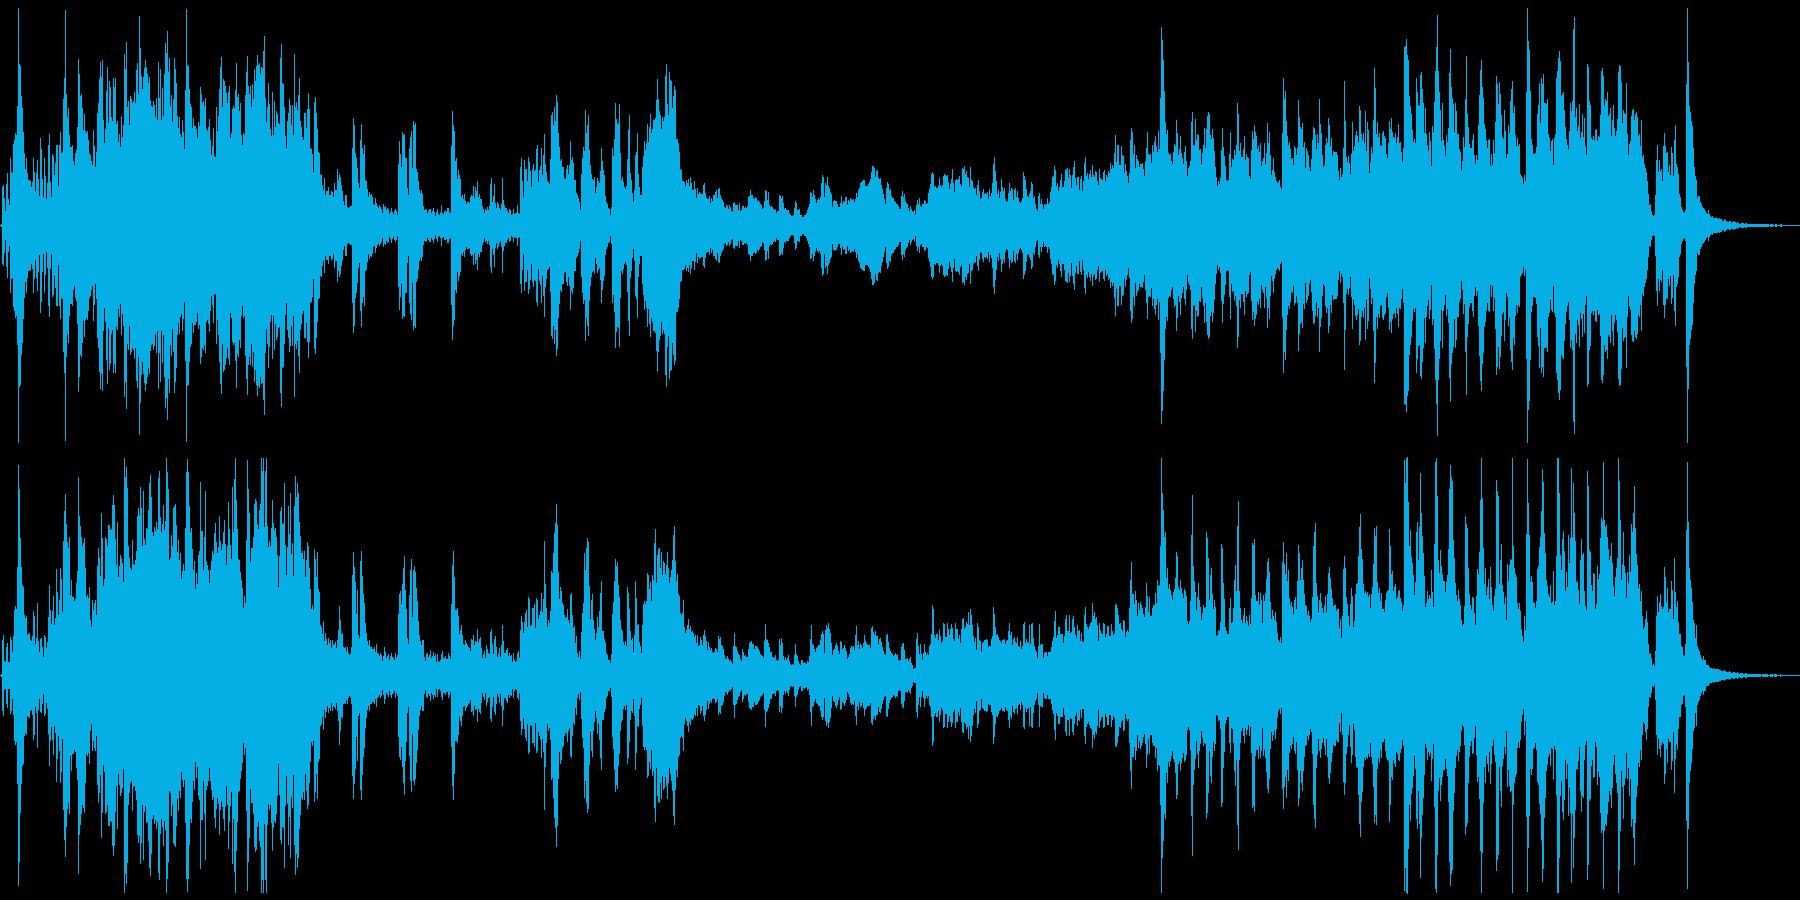 アドベンチャー映画音楽風のオーケストラ曲の再生済みの波形